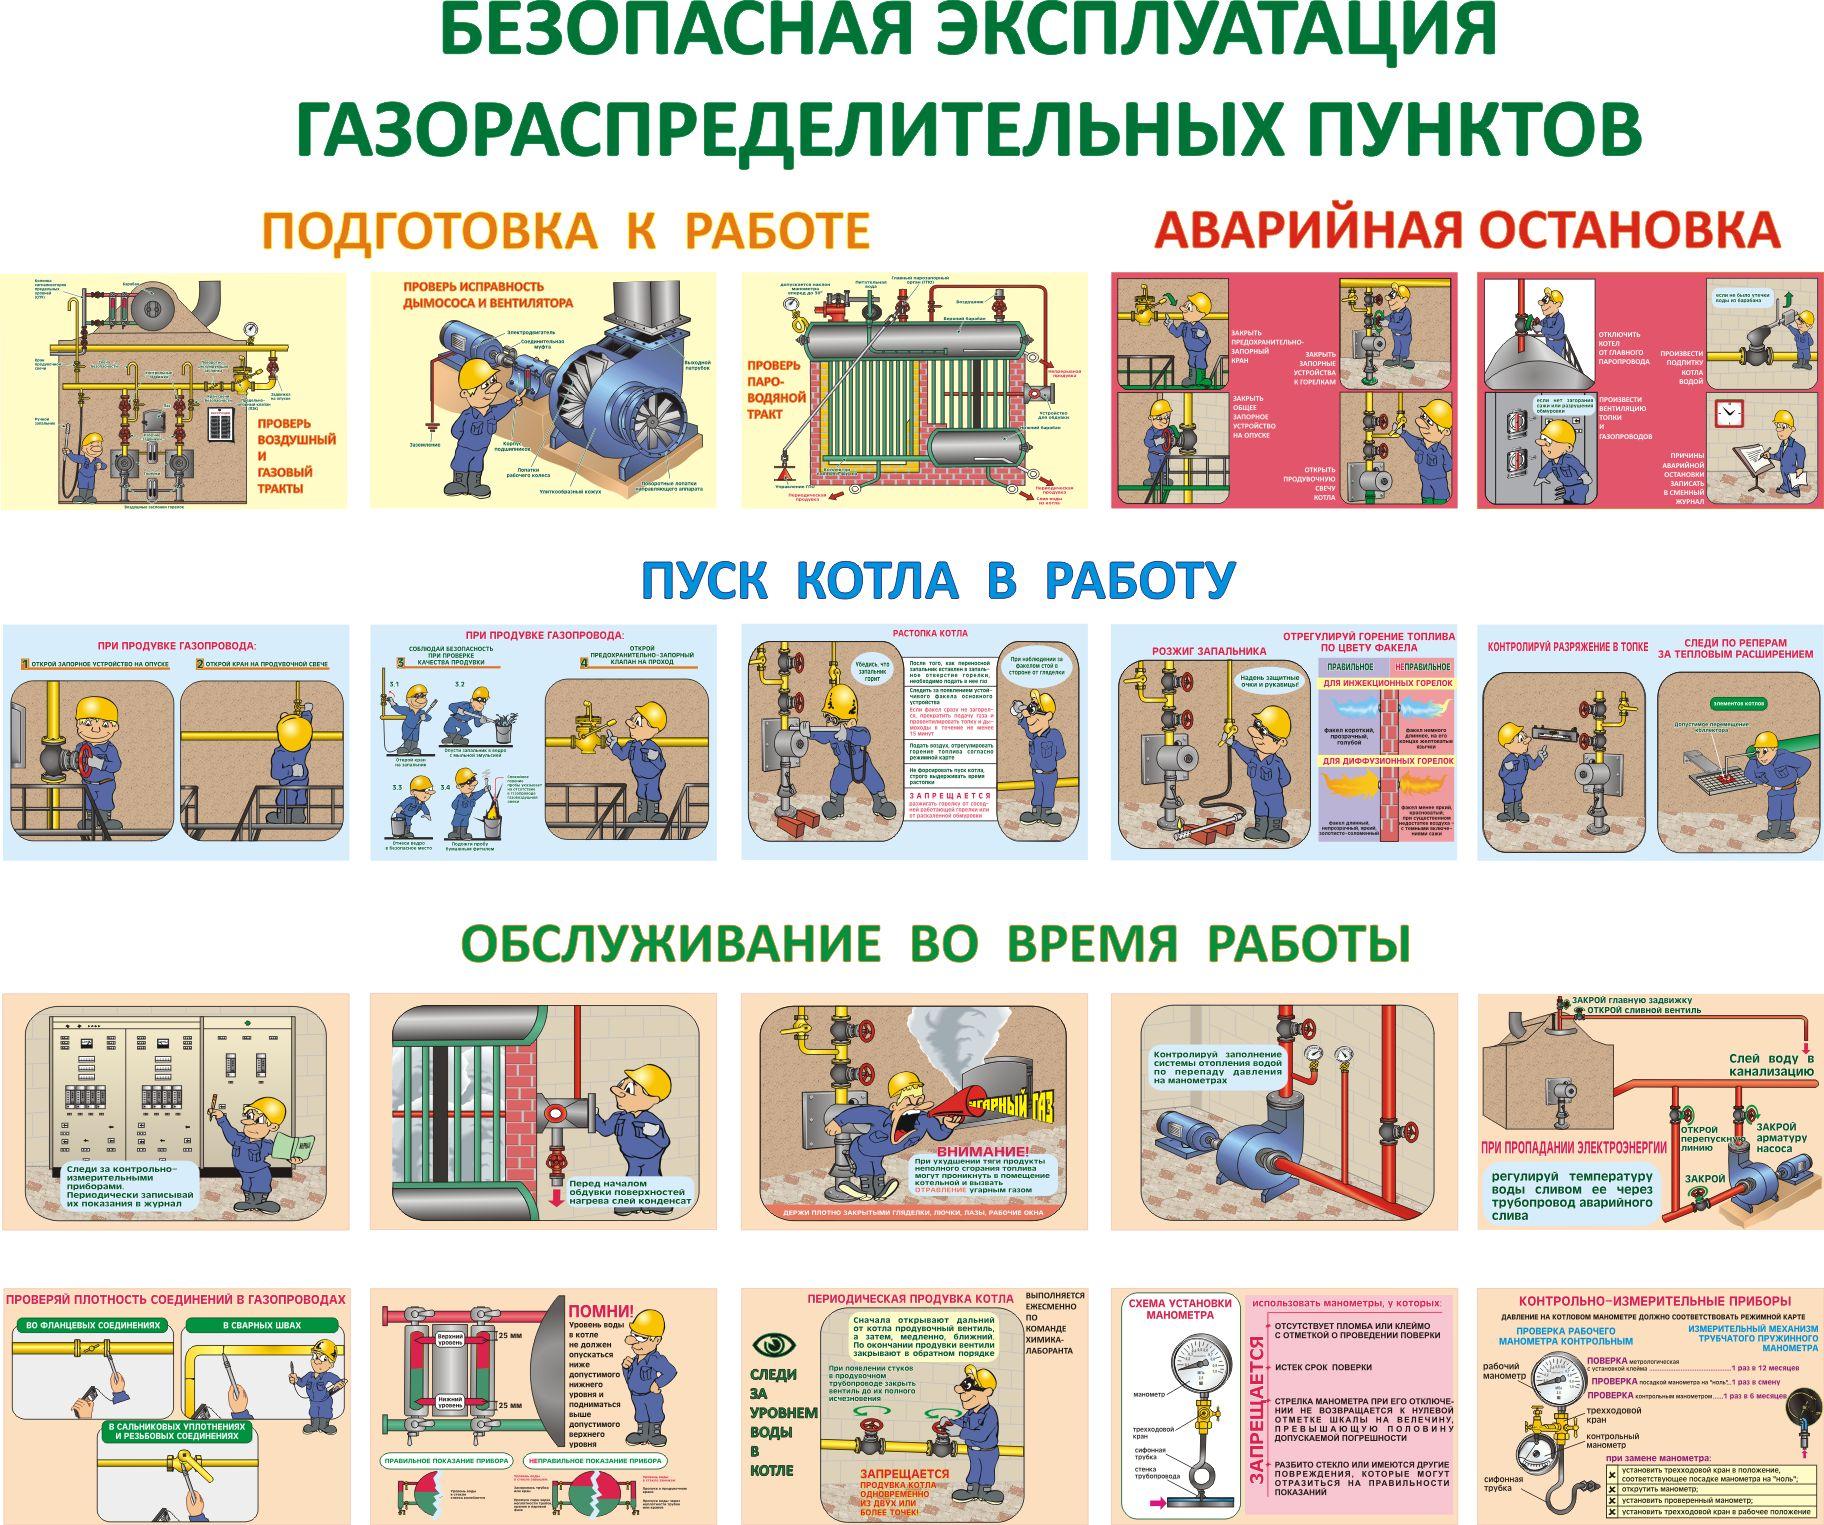 Инструкция по технике безопасности оператора газовой котельной